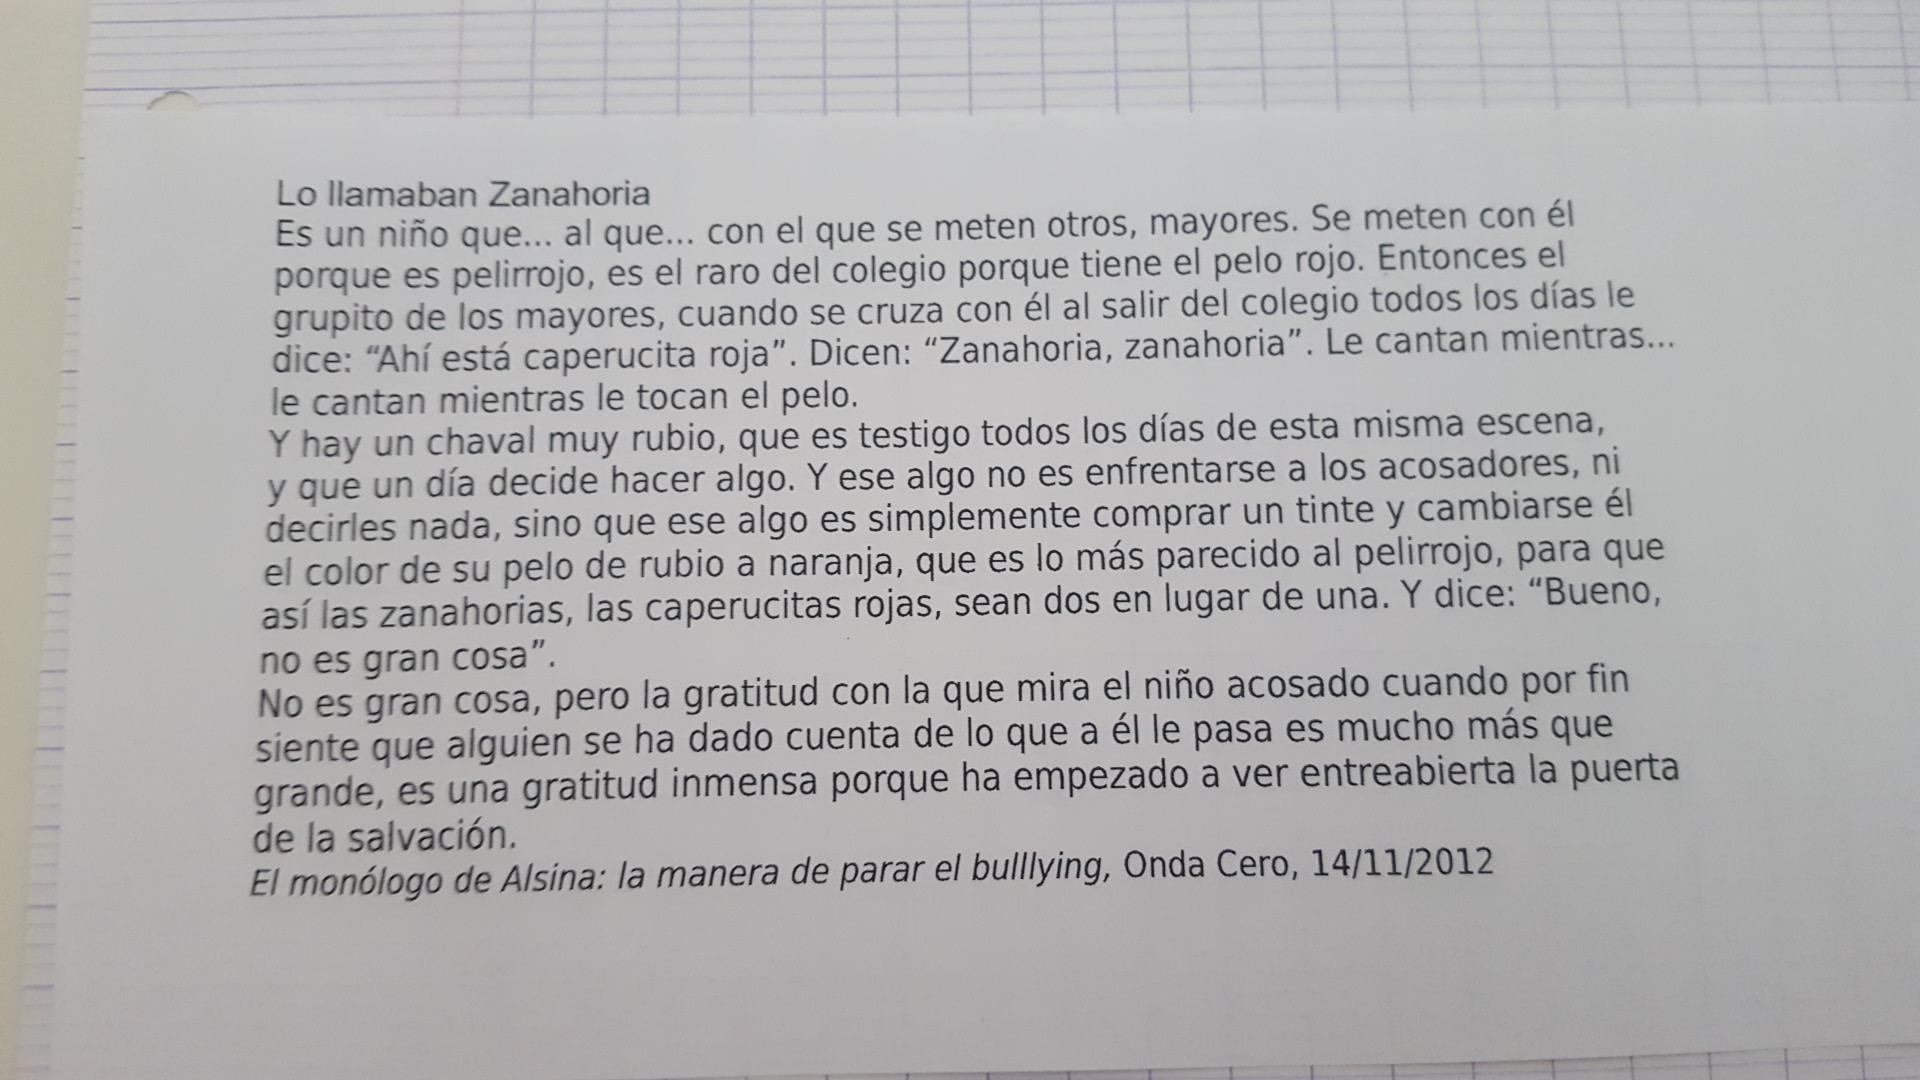 Bonjour Texte à Faire En Espagnol Il Faut Faire 10 Lignes